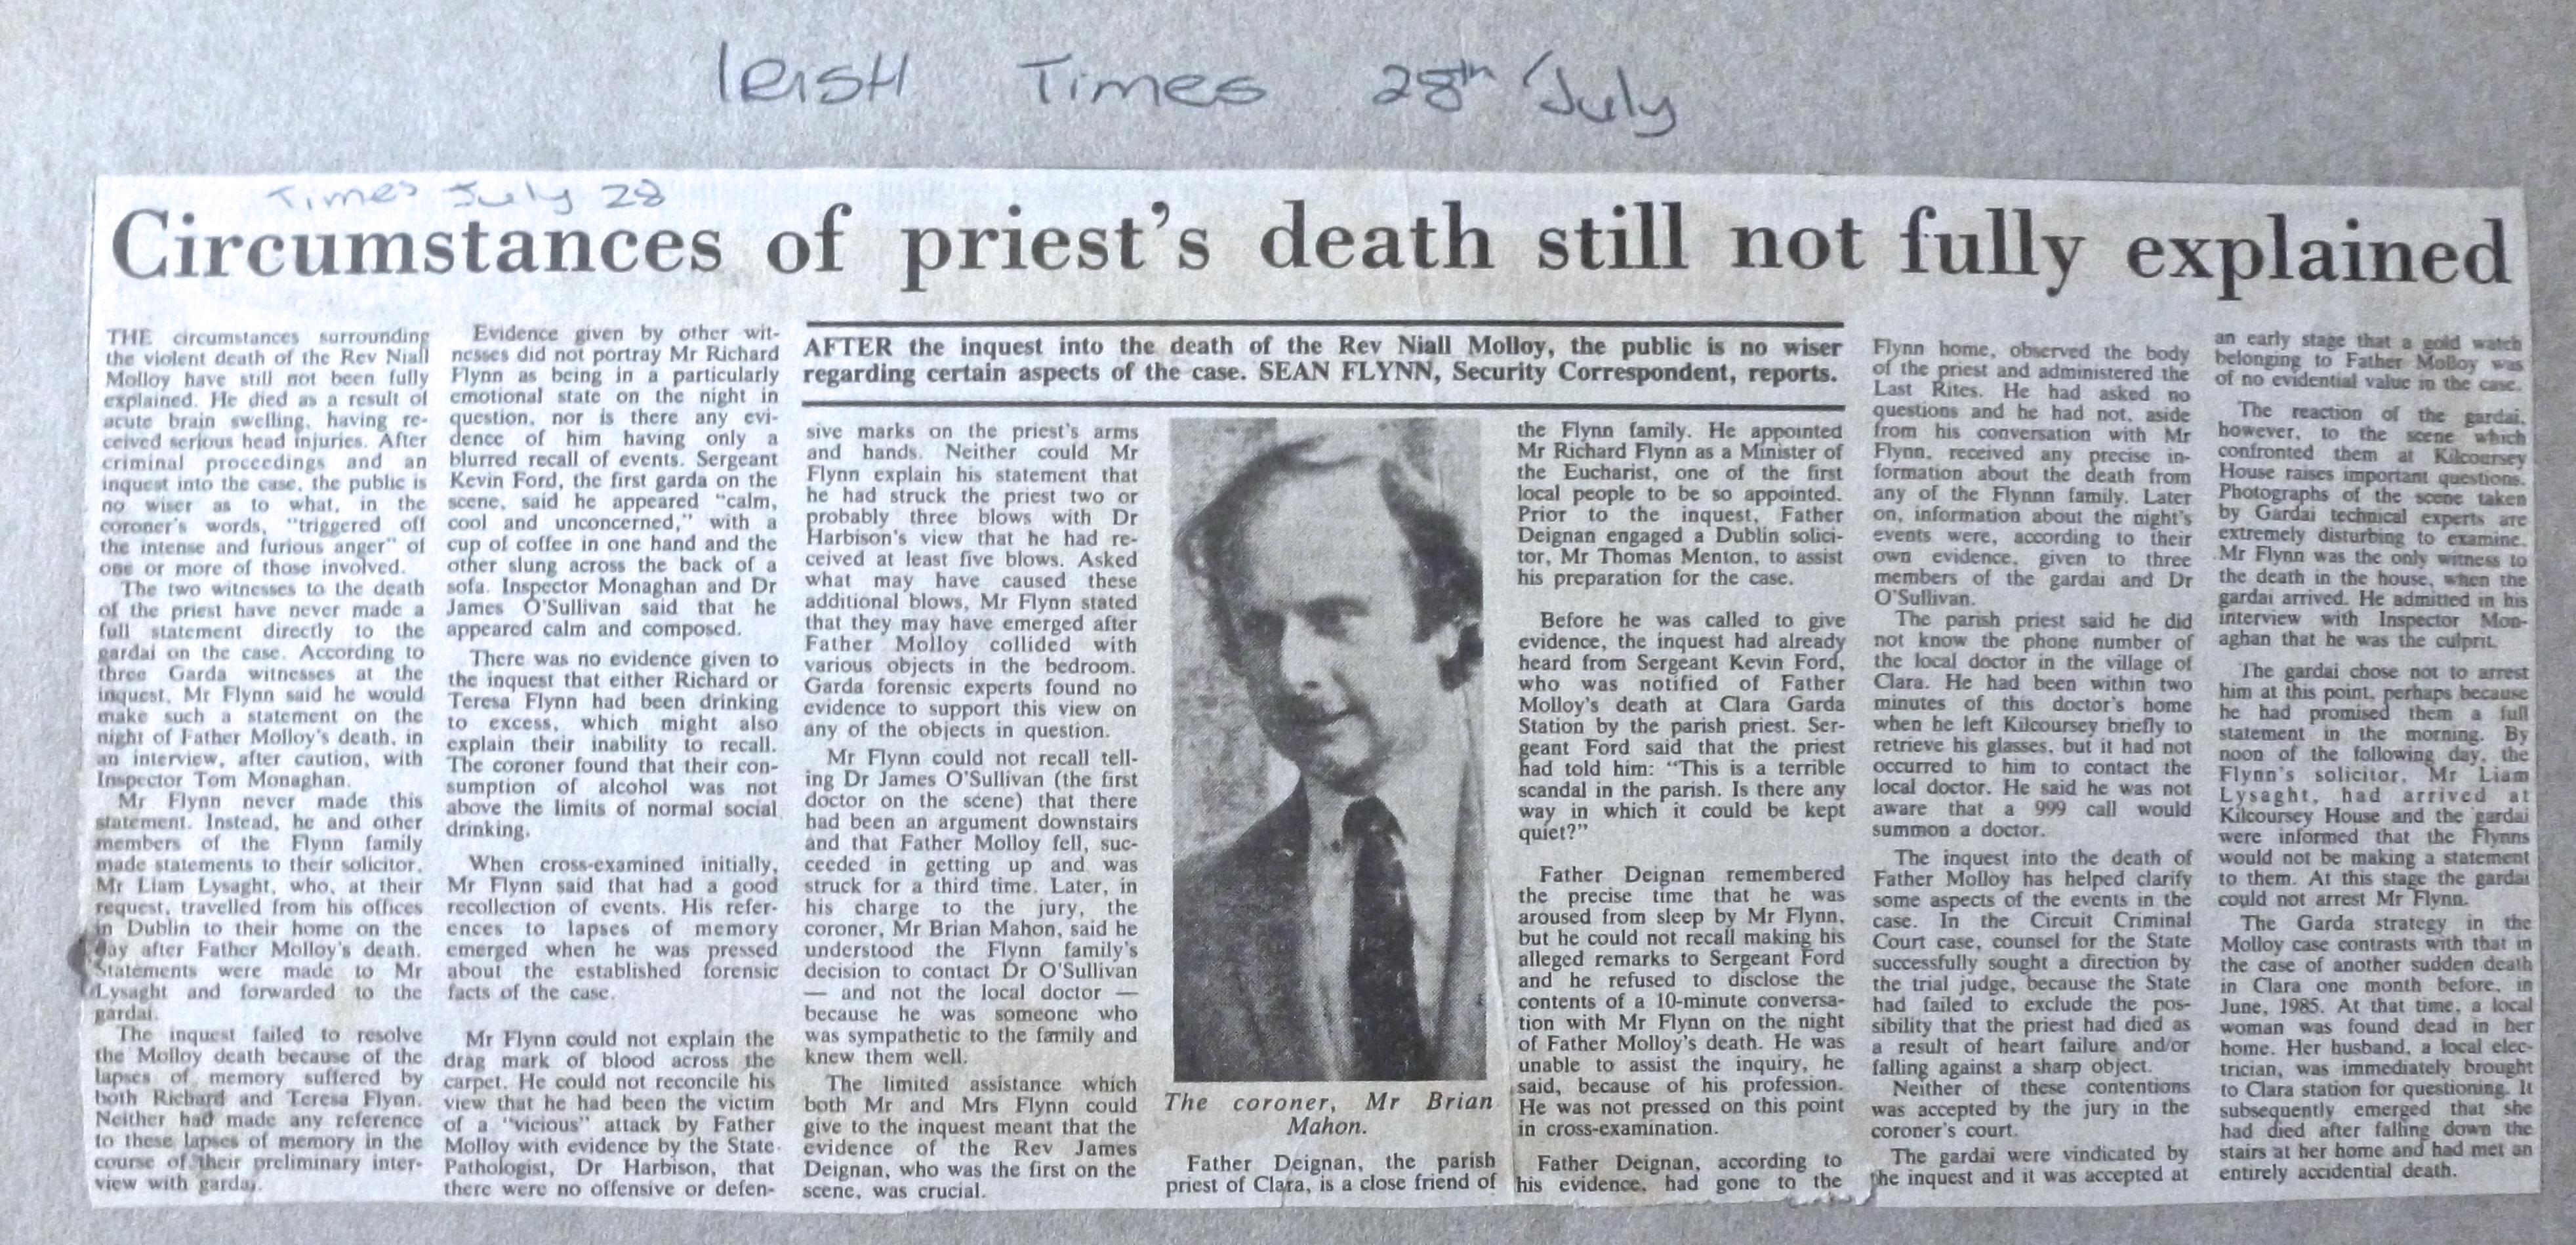 Irish times 28 / July / 1986